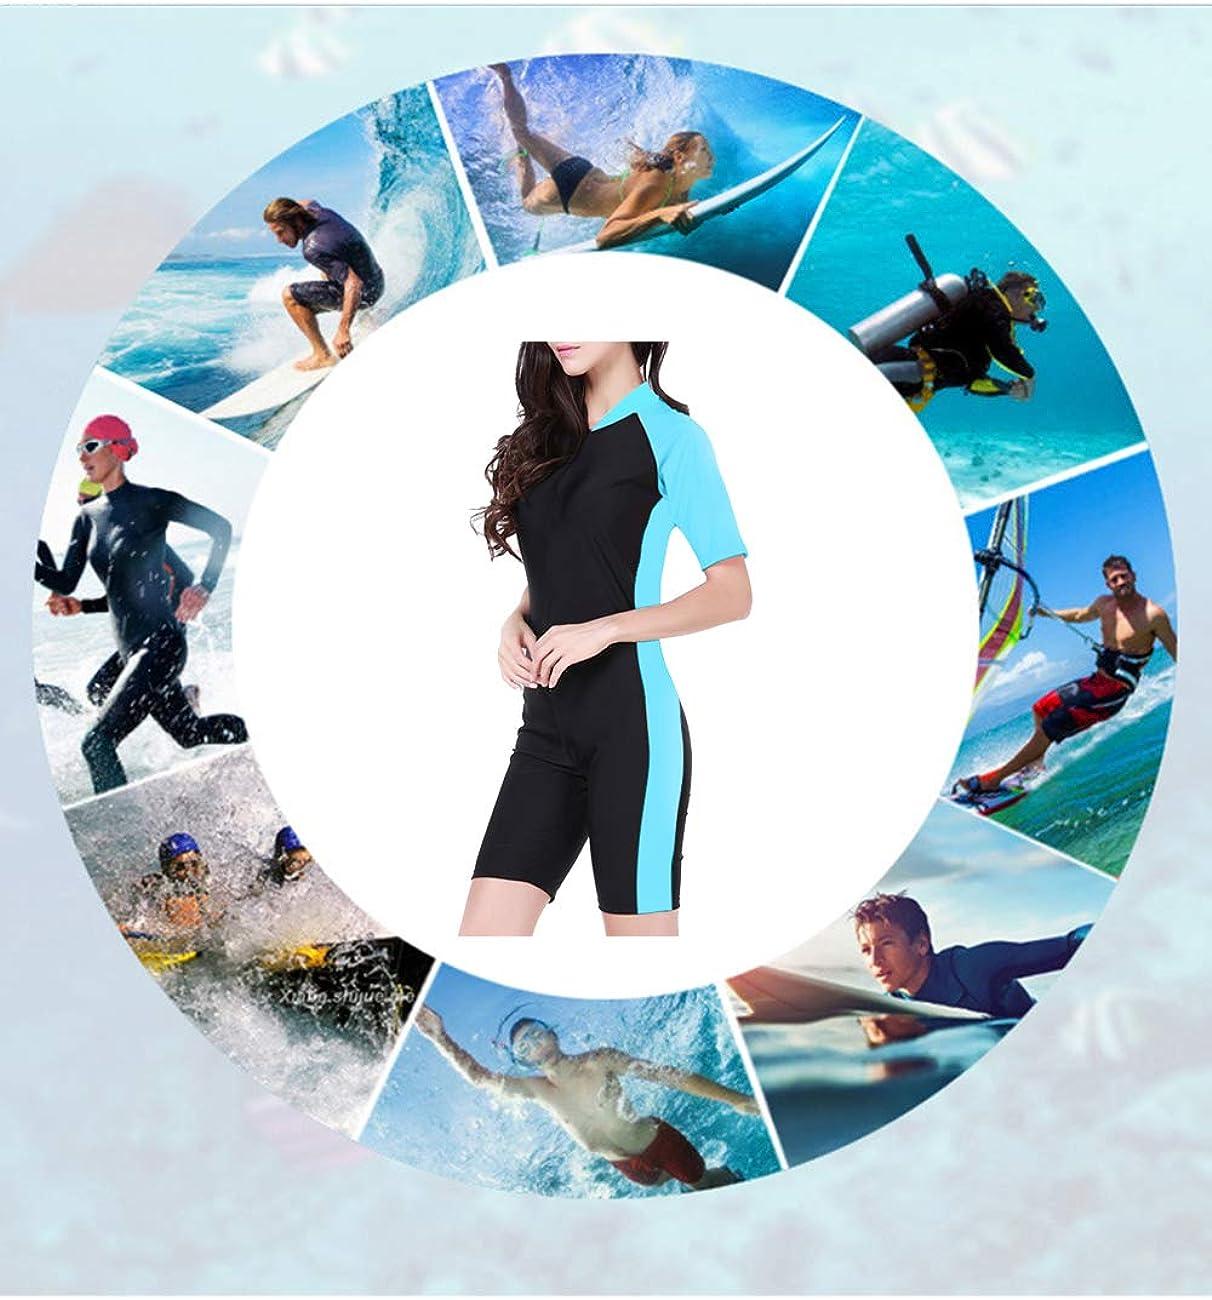 besbomig Ganzk/örper Badeanzug Damen Wassersport Einteiler Schwimmanzug Surfanzug Short Schnorcheln Strand UV Schutz Overall Tauchanzug【Nicht die Neopren】